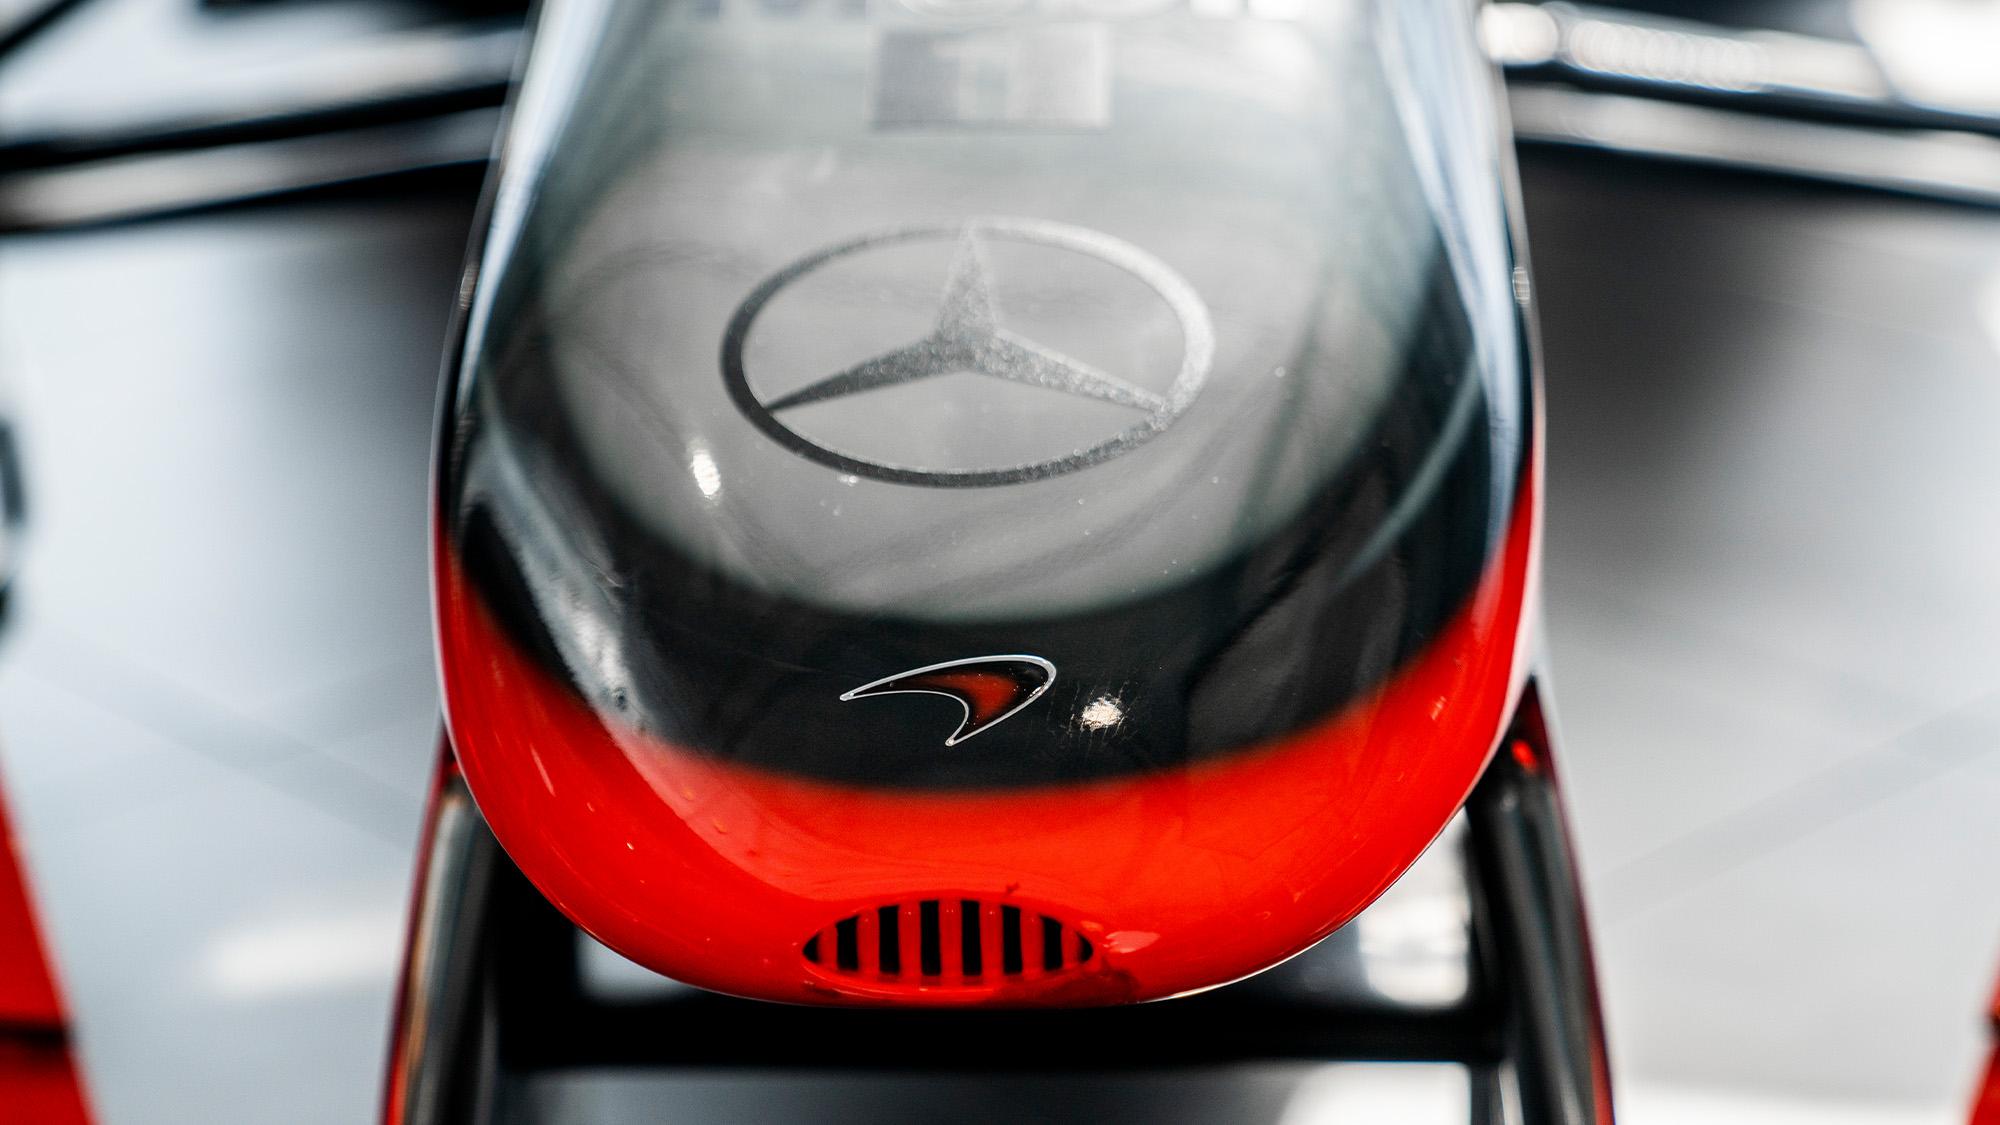 Lewis Hamilton McLaren MP4-25 for auction nose detail